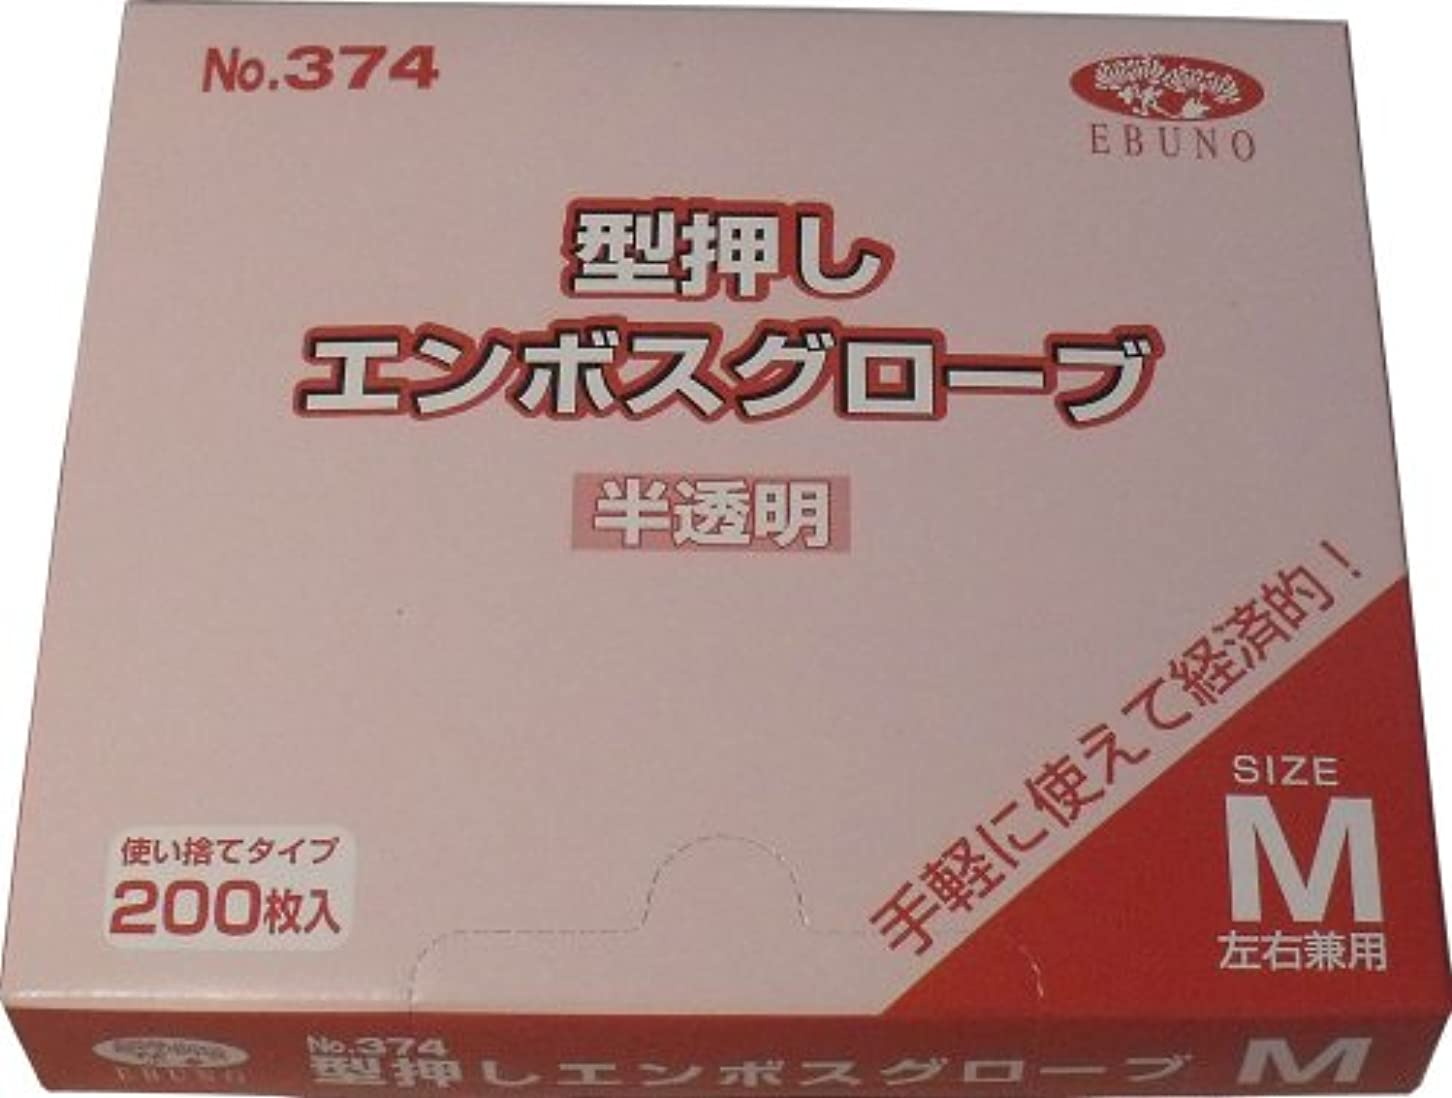 【まとめ買い】型押し エンボスグローブ (食品加工用 ポリエチ手袋) 半透明 Mサイズ (3個)